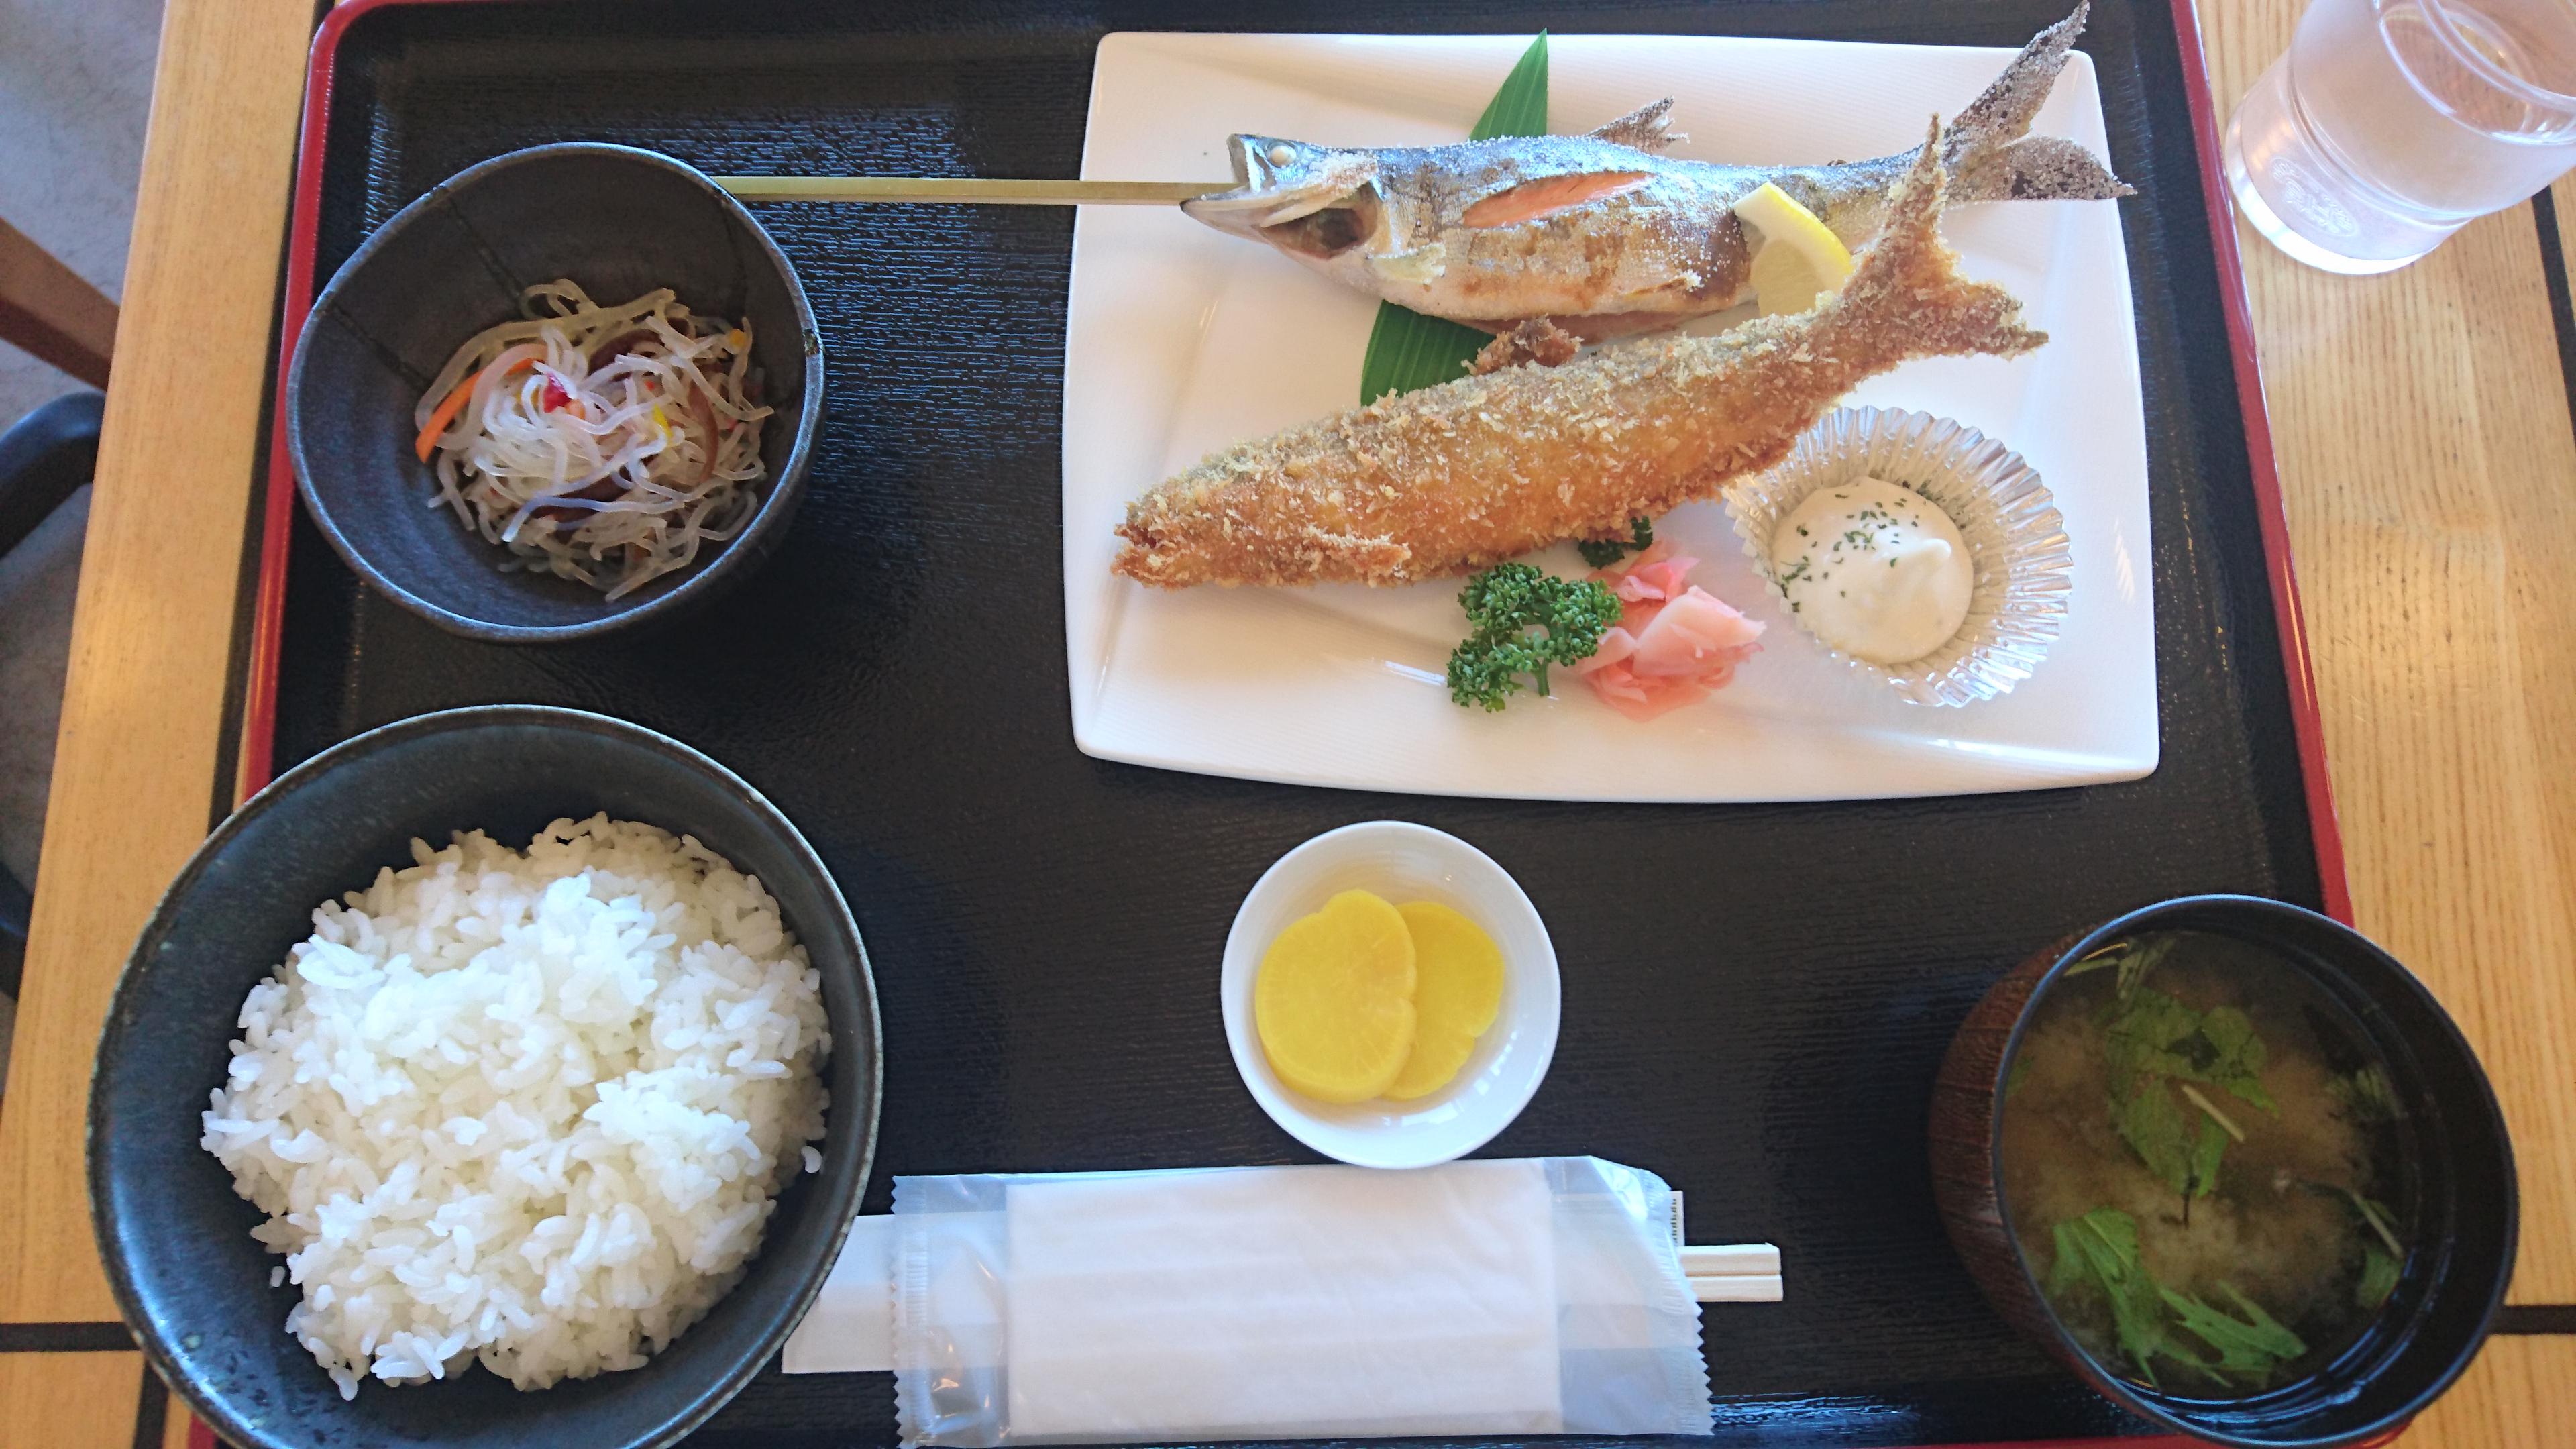 ポロピナイ食堂で食べたヒメマスの姿焼きとフライ